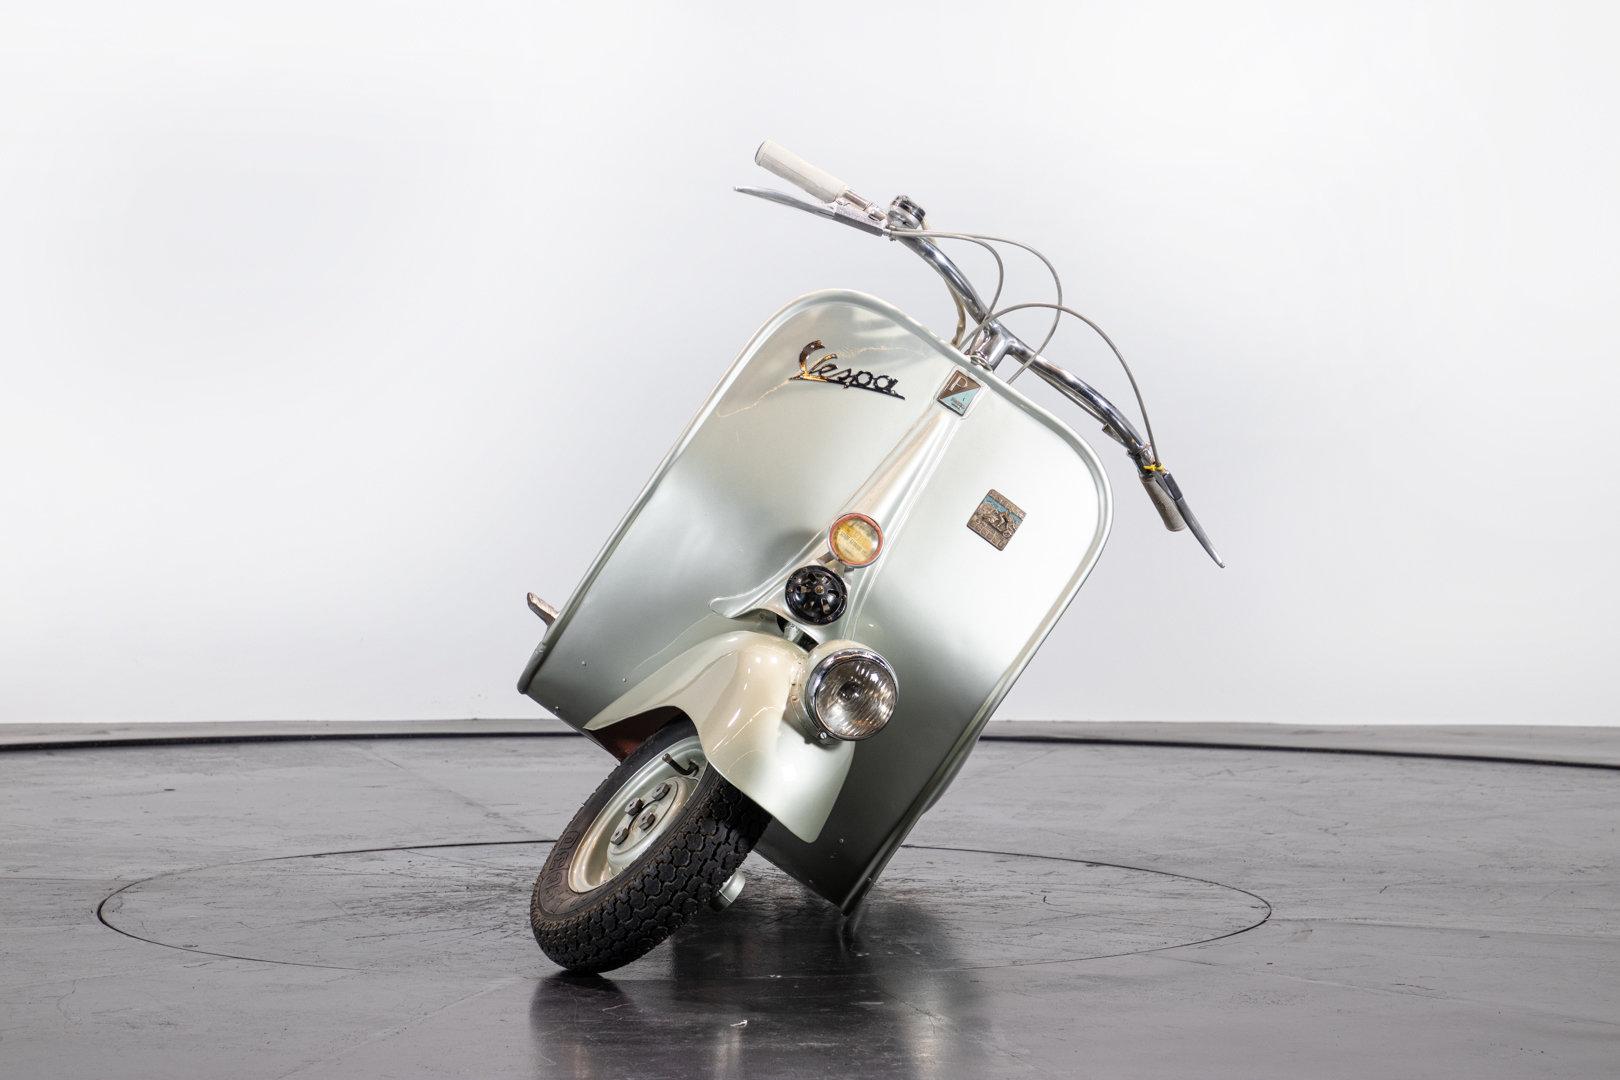 PIAGGIO - VESPA 98 - 1950 For Sale (picture 3 of 6)